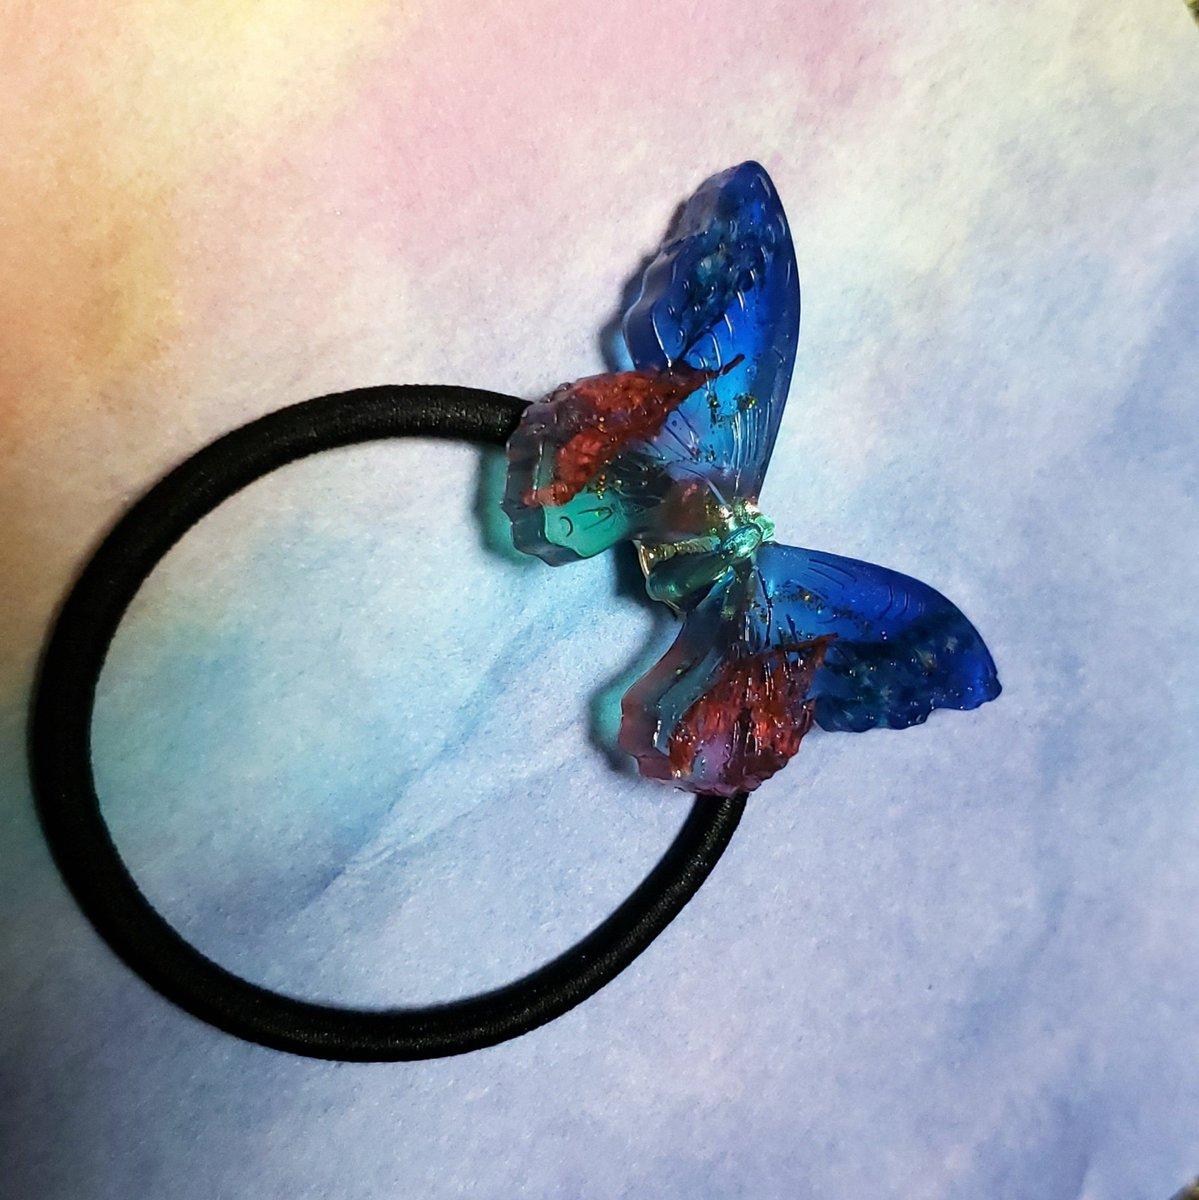 test ツイッターメディア - 本日のラストレジン!  初めてキャンドゥの蝶のモールド 使ってみました🦋~  中に花をいれ、ゴールドのグリッター入れてます✨  個人的には裏の方が好きです。  ヘアゴムにしたら皿の部分が丸見えです(笑)  あー楽し😁  #レジンアクセサリー #レジン #キャンドゥ #レジン好きさんと繋がりたい https://t.co/KpNadWmuA2